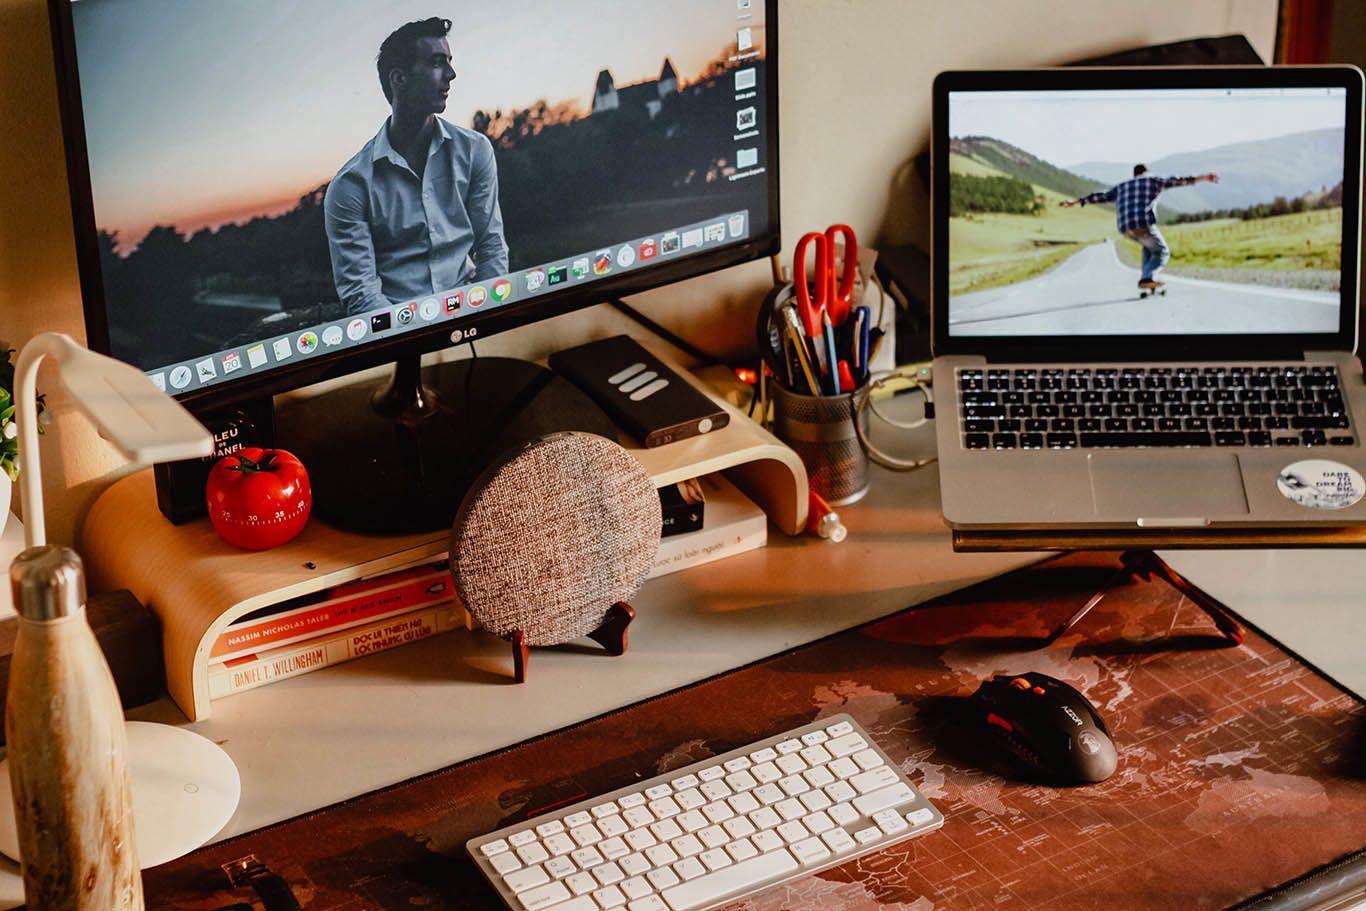 Multitasking Hanya Mitos? Ini 7 Penjelasannya